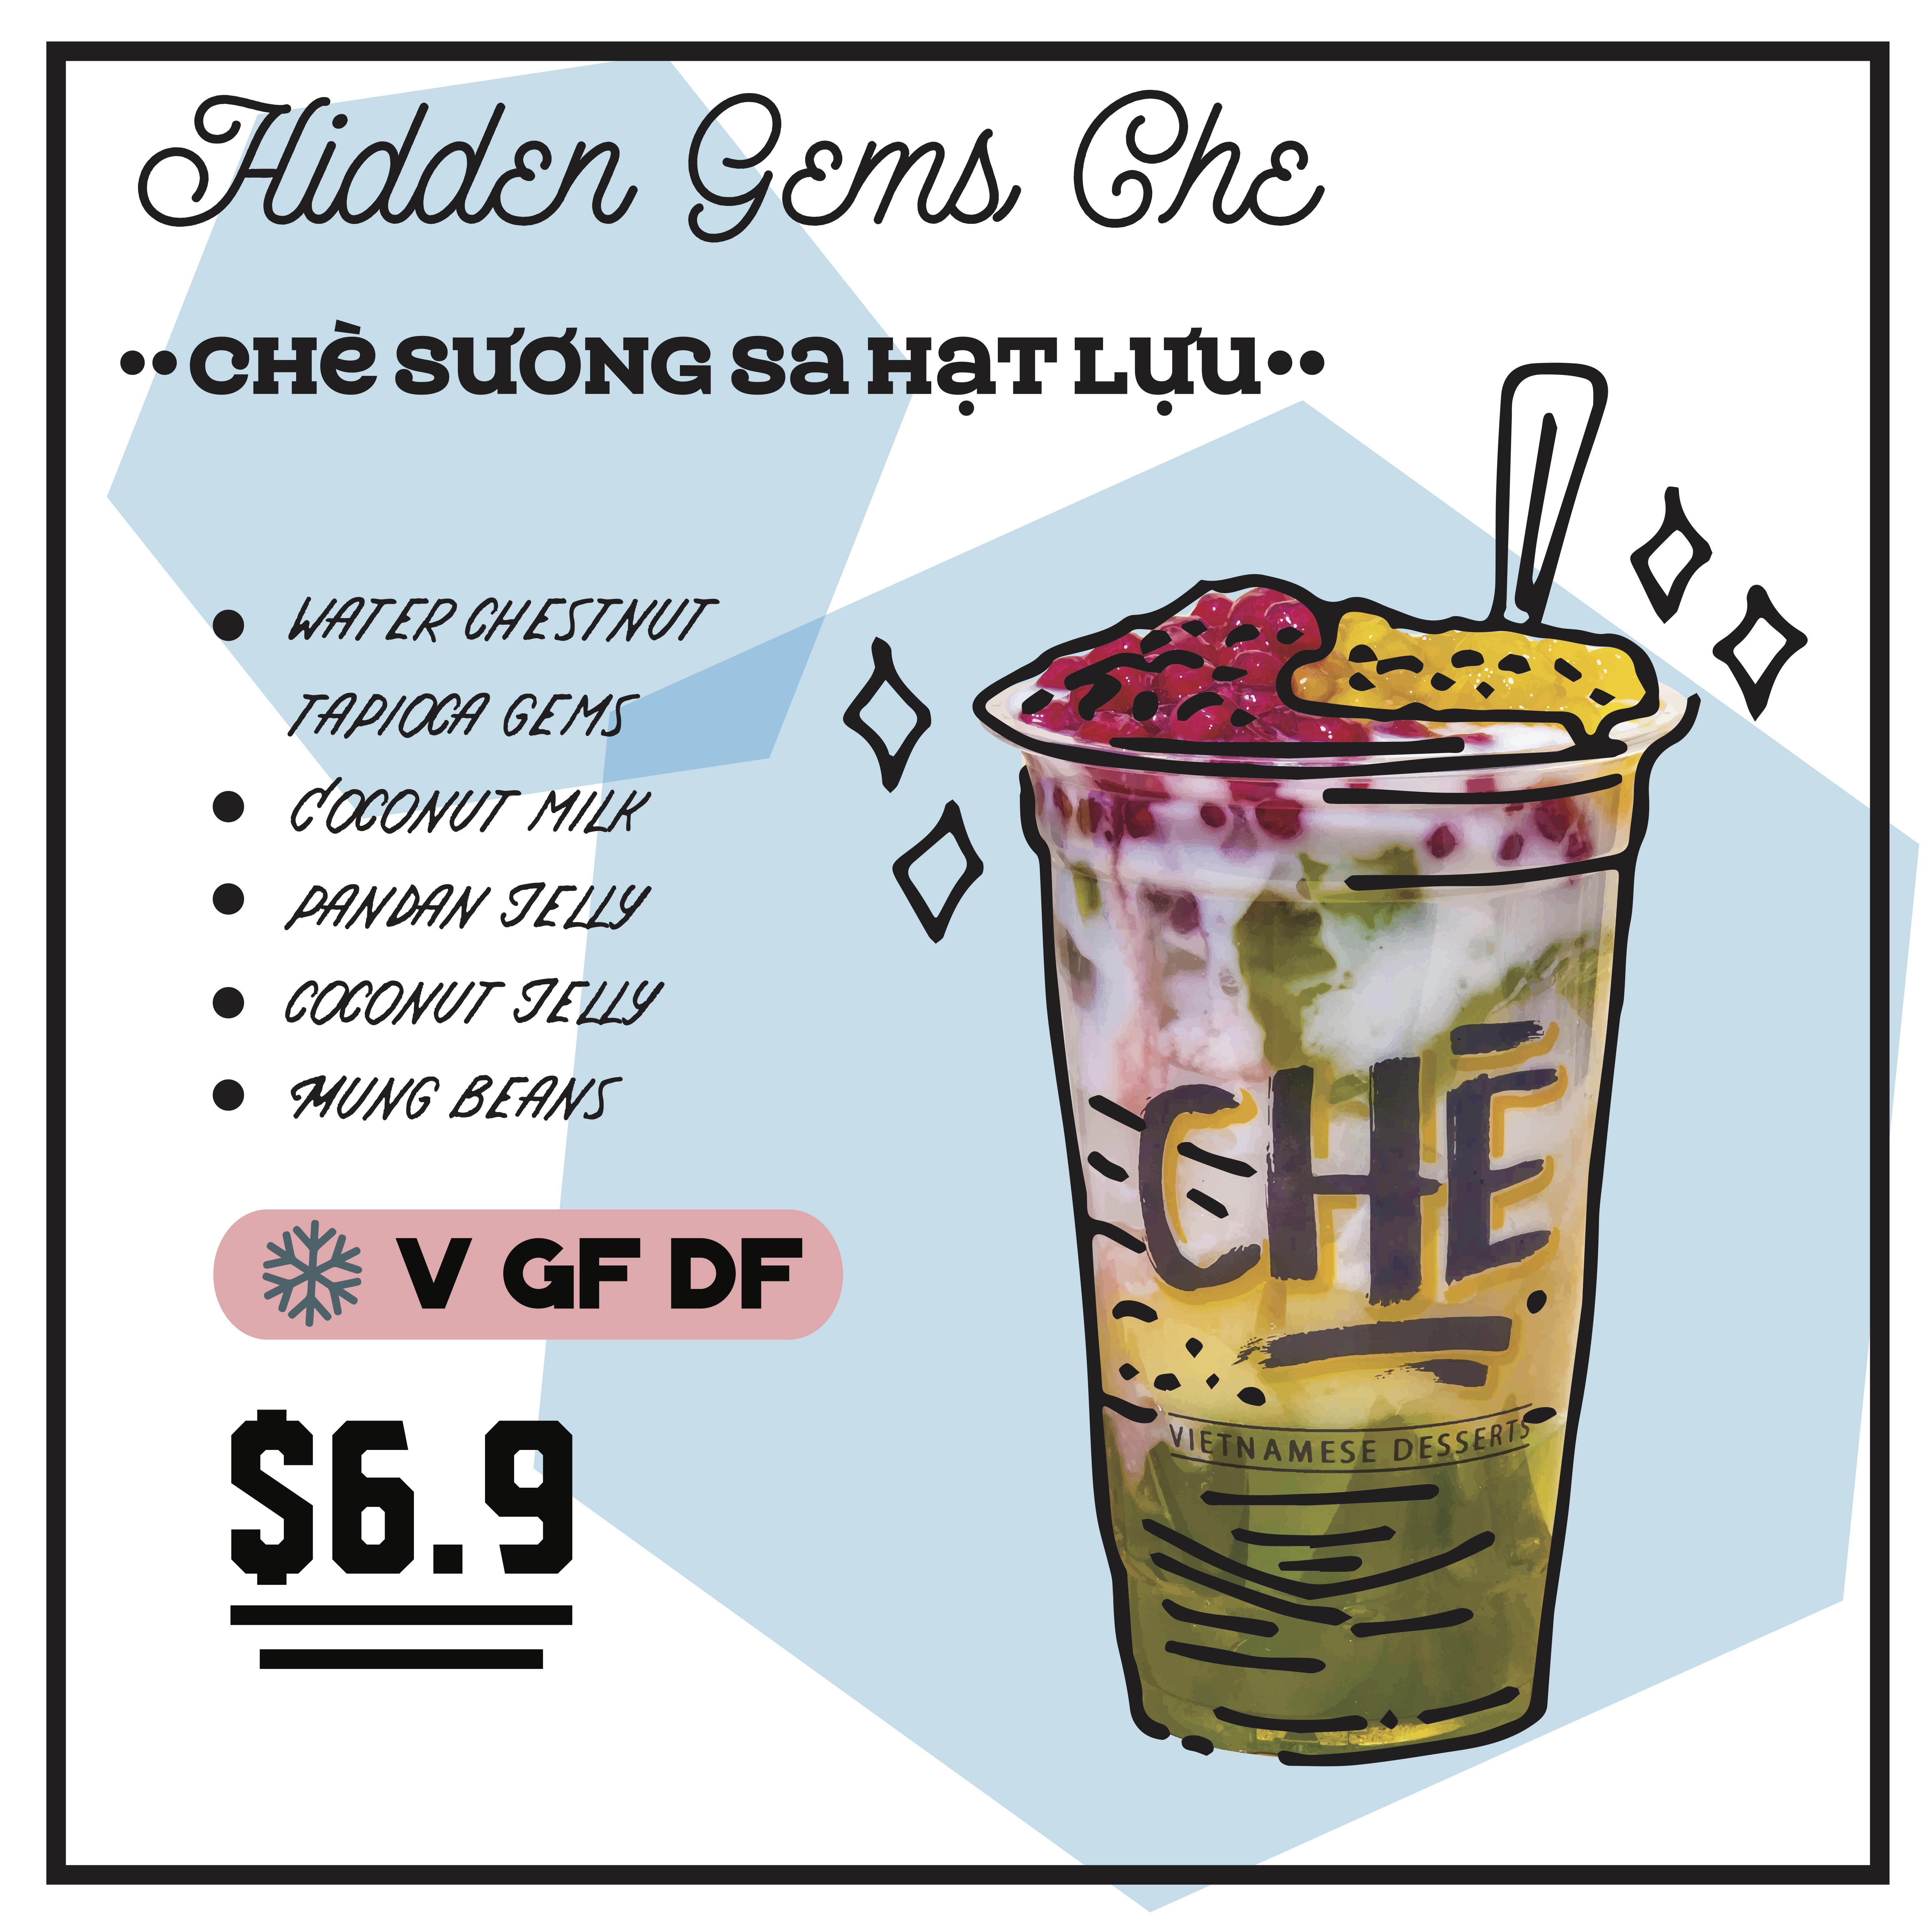 Hidden Gems Che